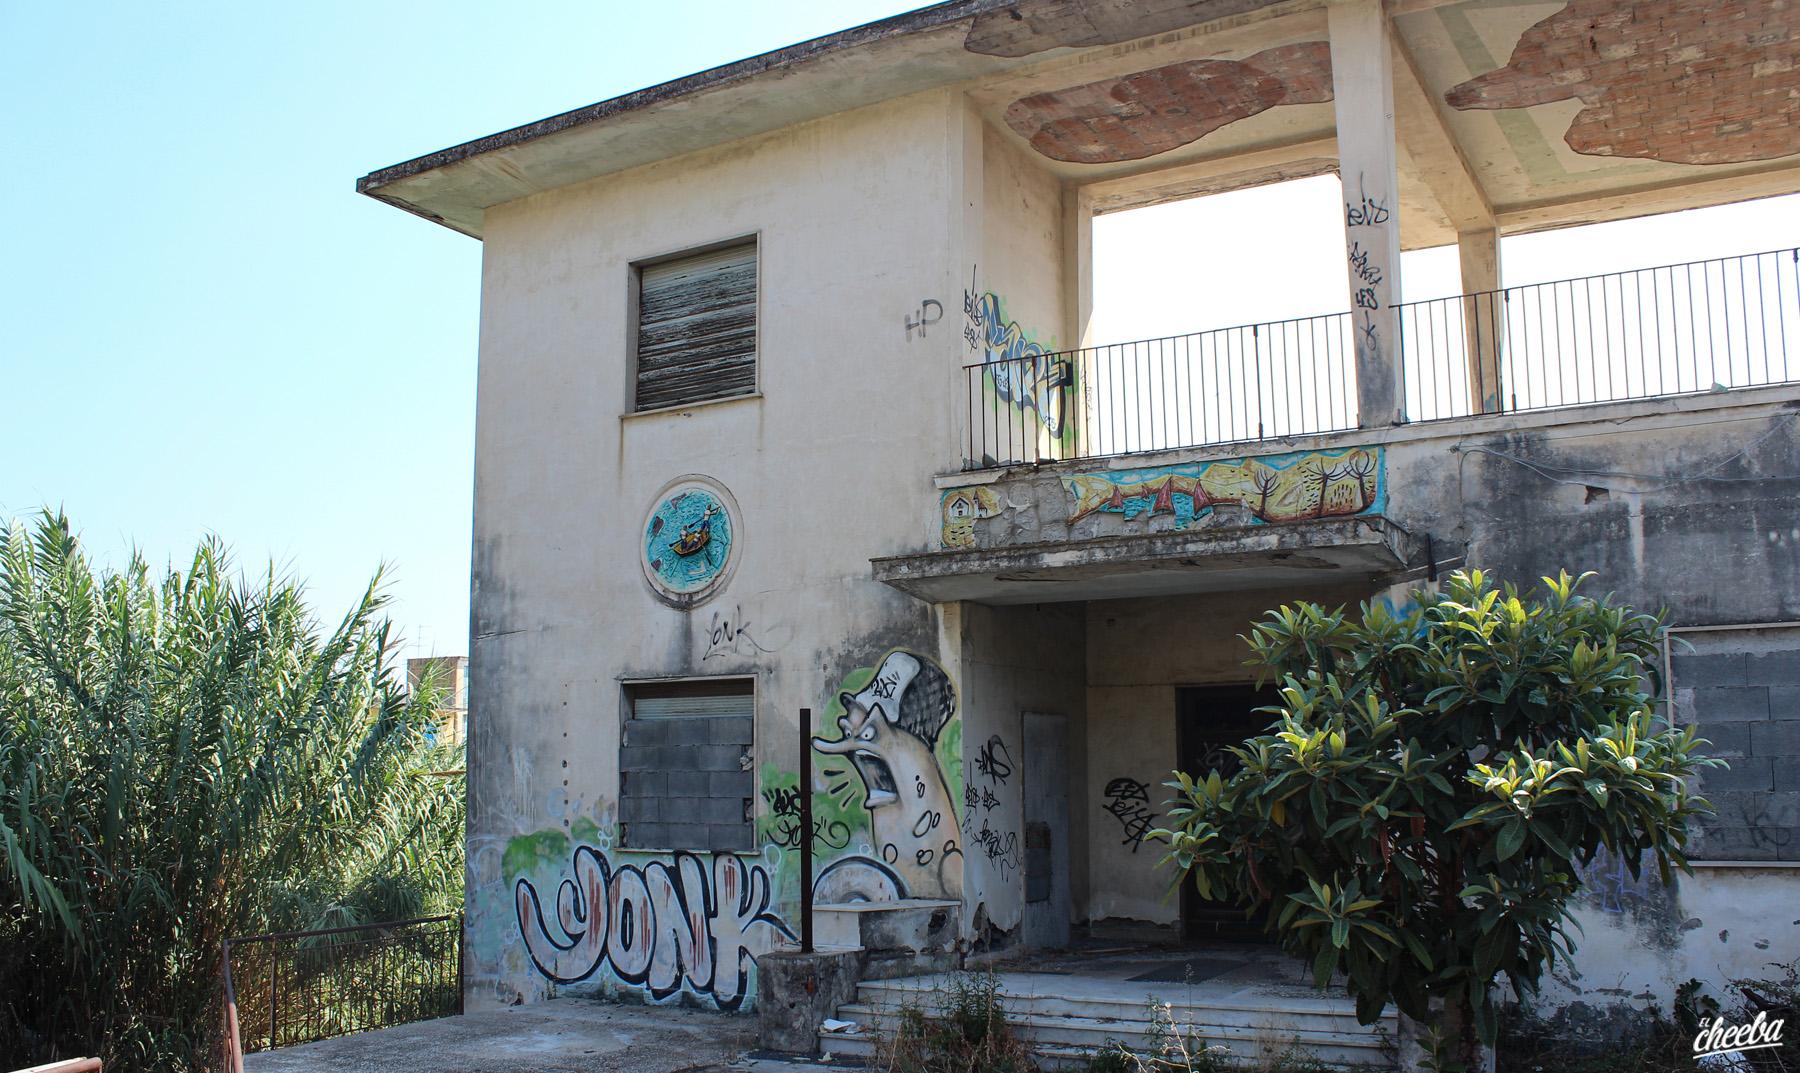 Urbex Lost Places in Sicilia - Urbex Italie by El Cheeba